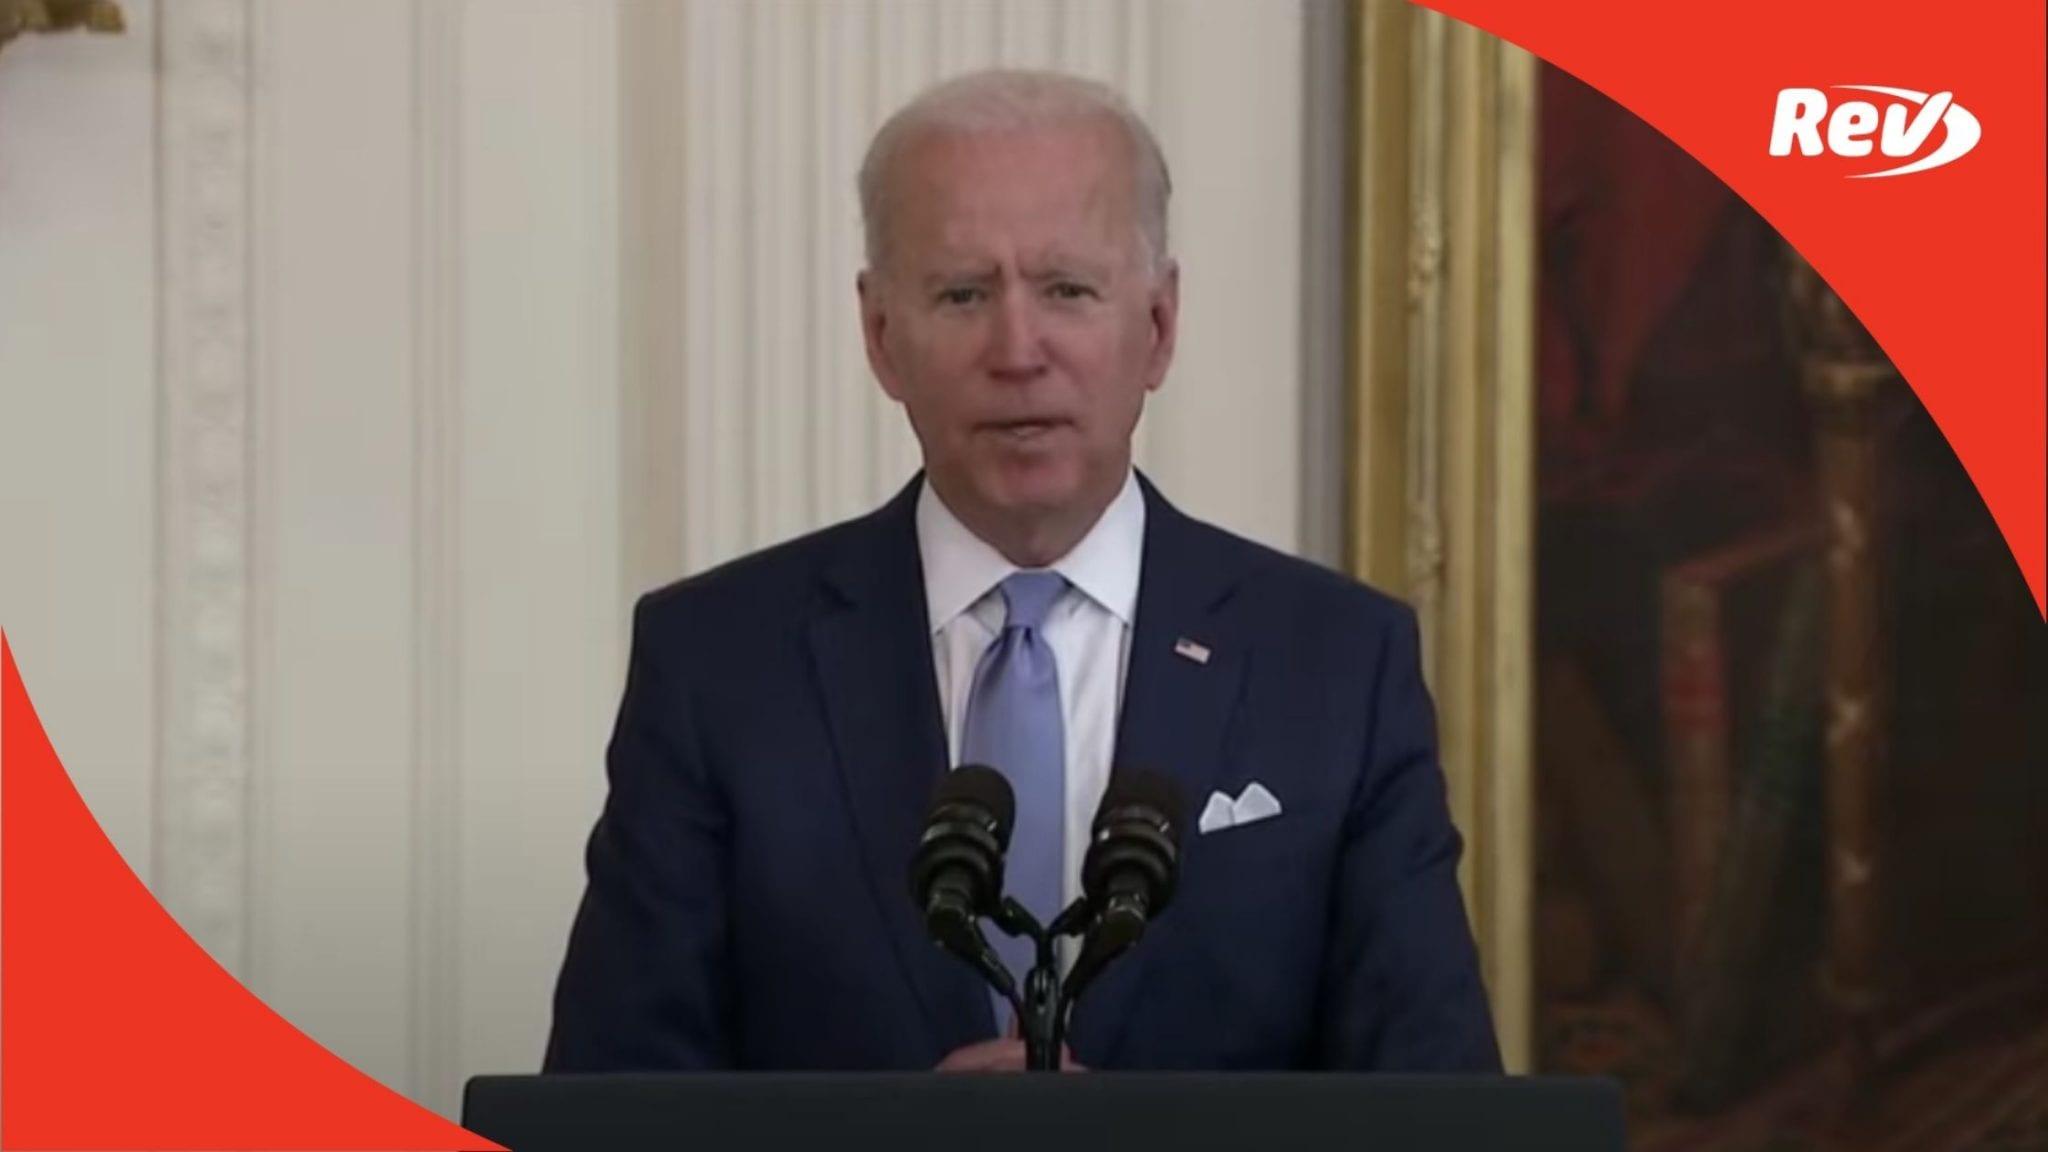 Joe Biden Awards Medal of Freedom to Ralph Puckett Speech Transcript May 21